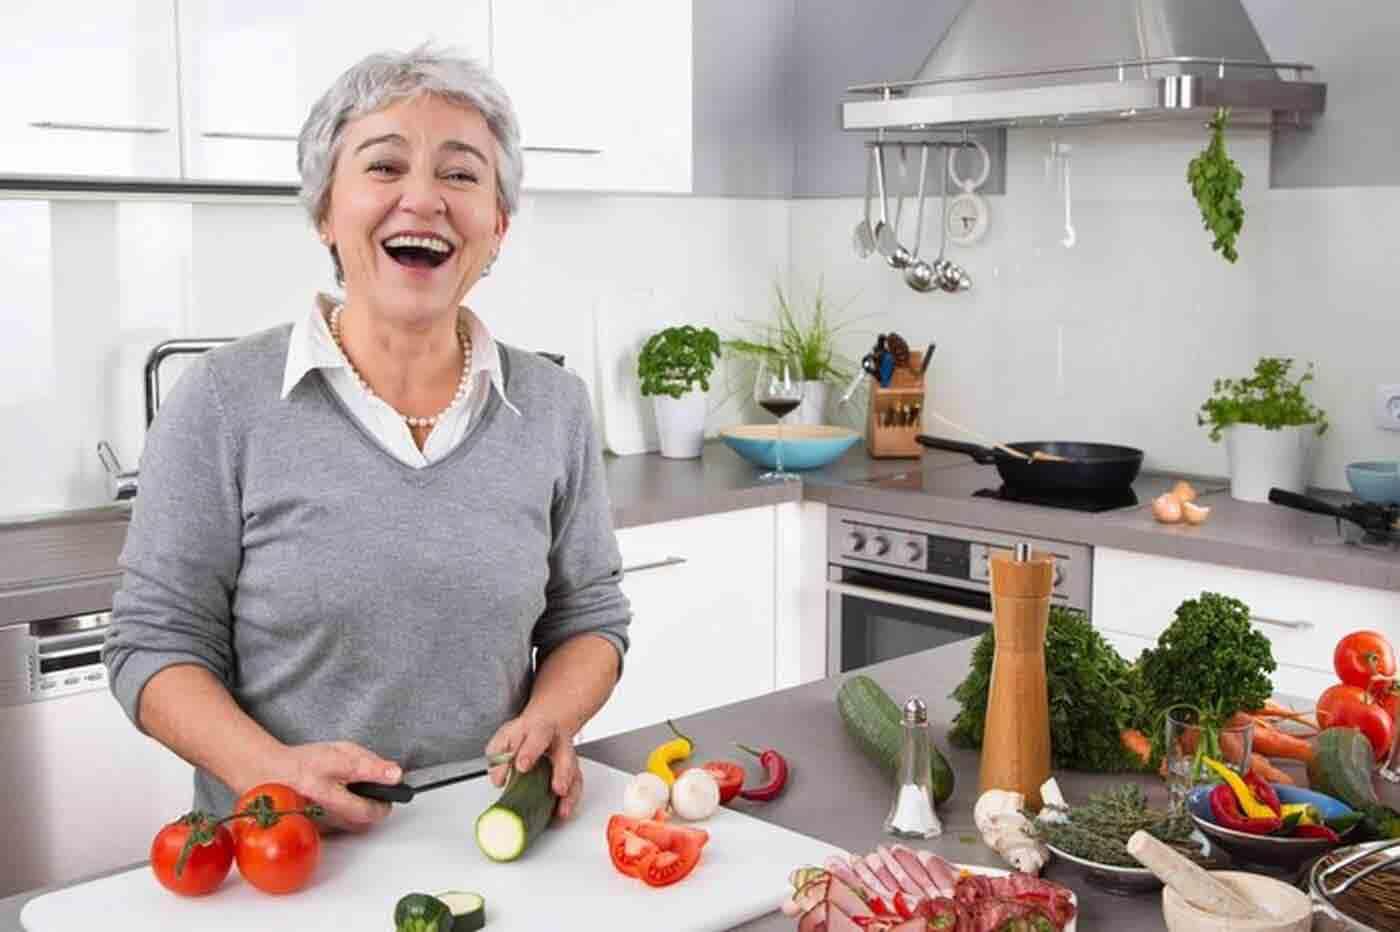 تغذیه در دوران سالمندی | مرکز خدمات پرستاری پارسیان مهرپرور